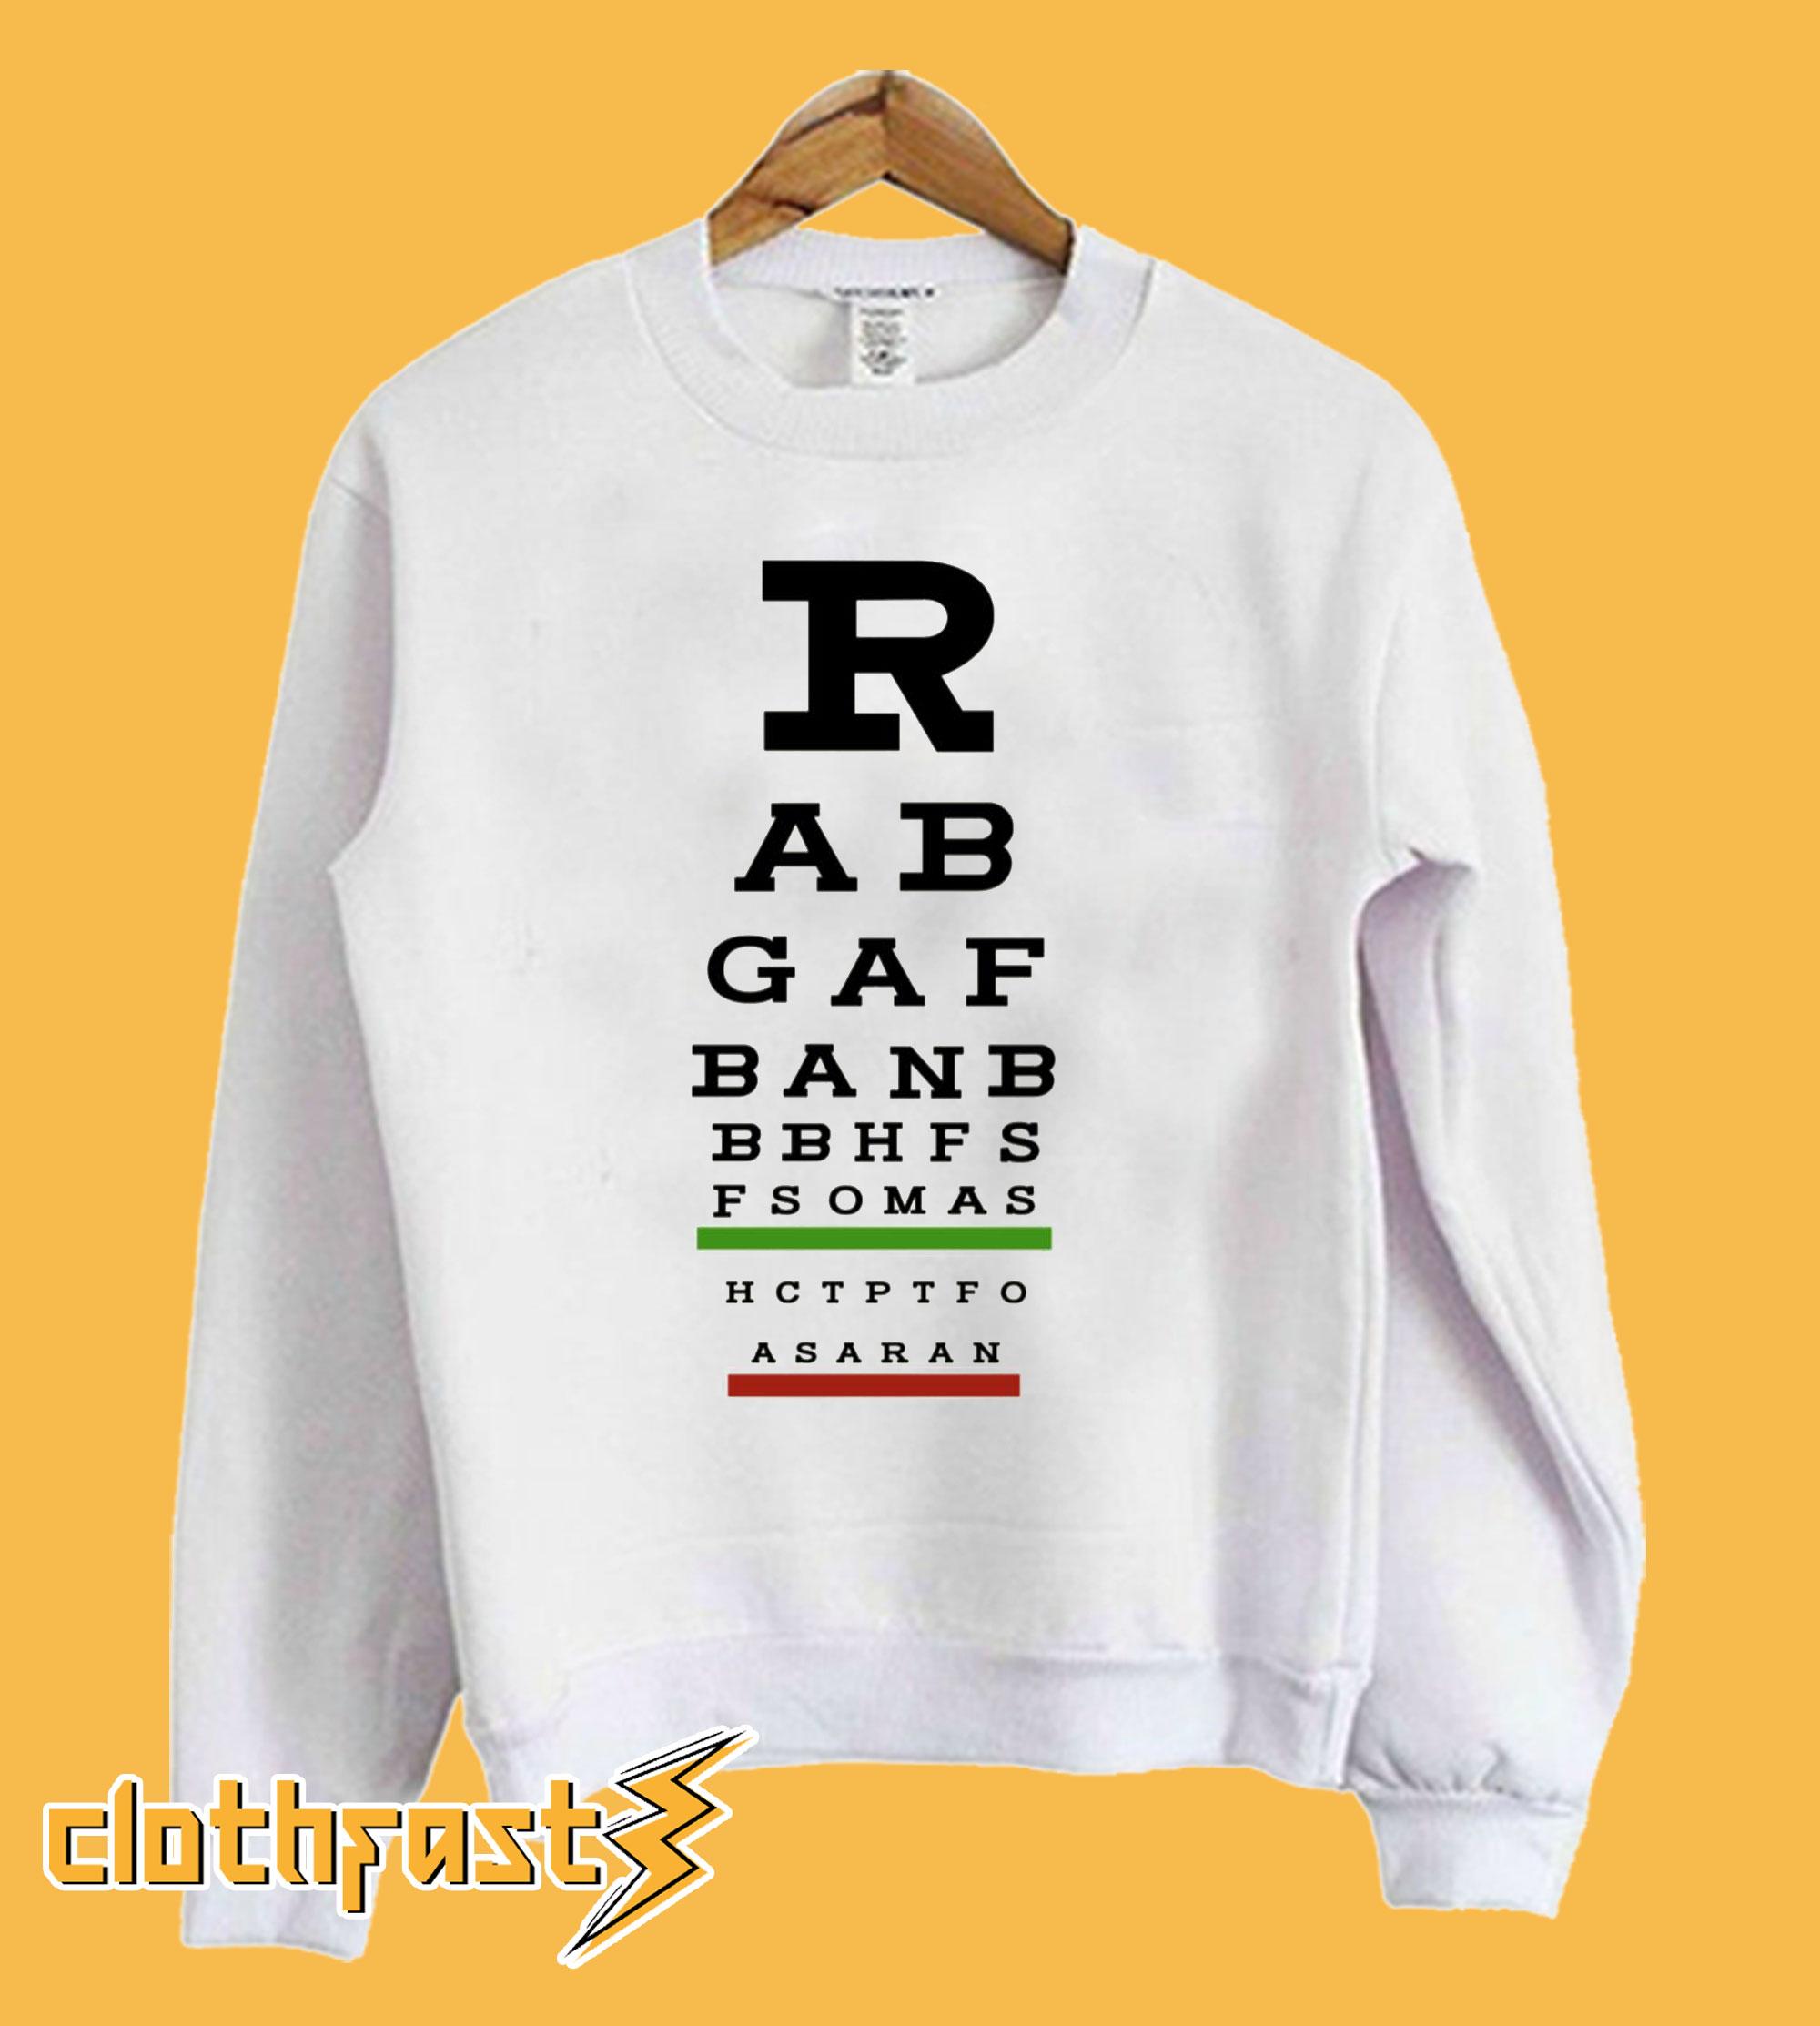 Act Up Rabgafban Sweatshirt